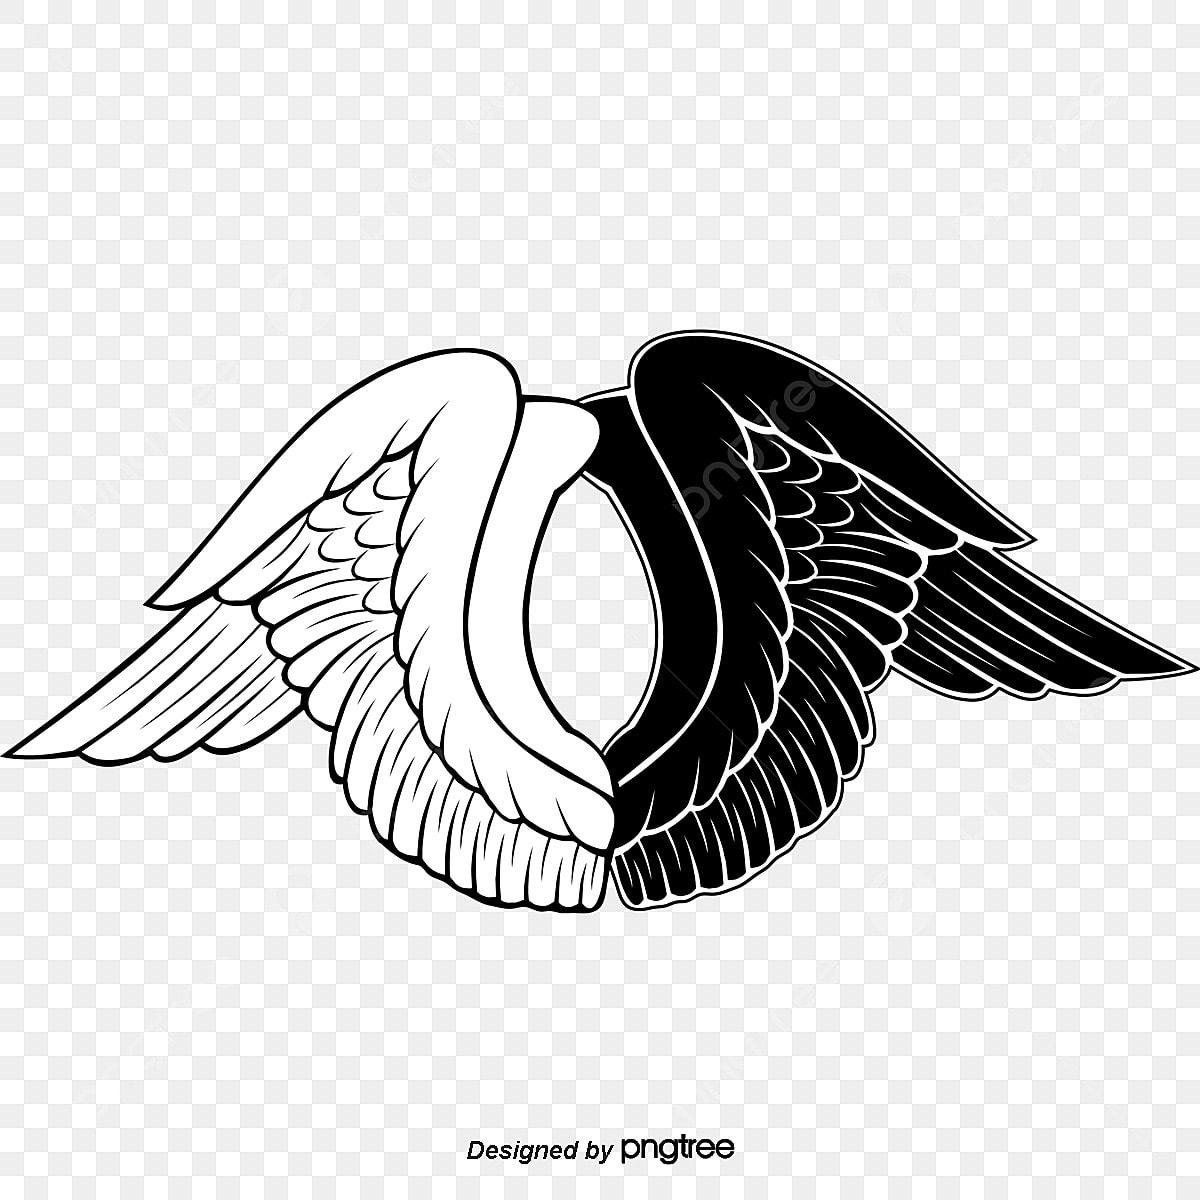 白黒の翼 白黒 イラスト 翼画像とpsd素材ファイルの無料ダウンロード